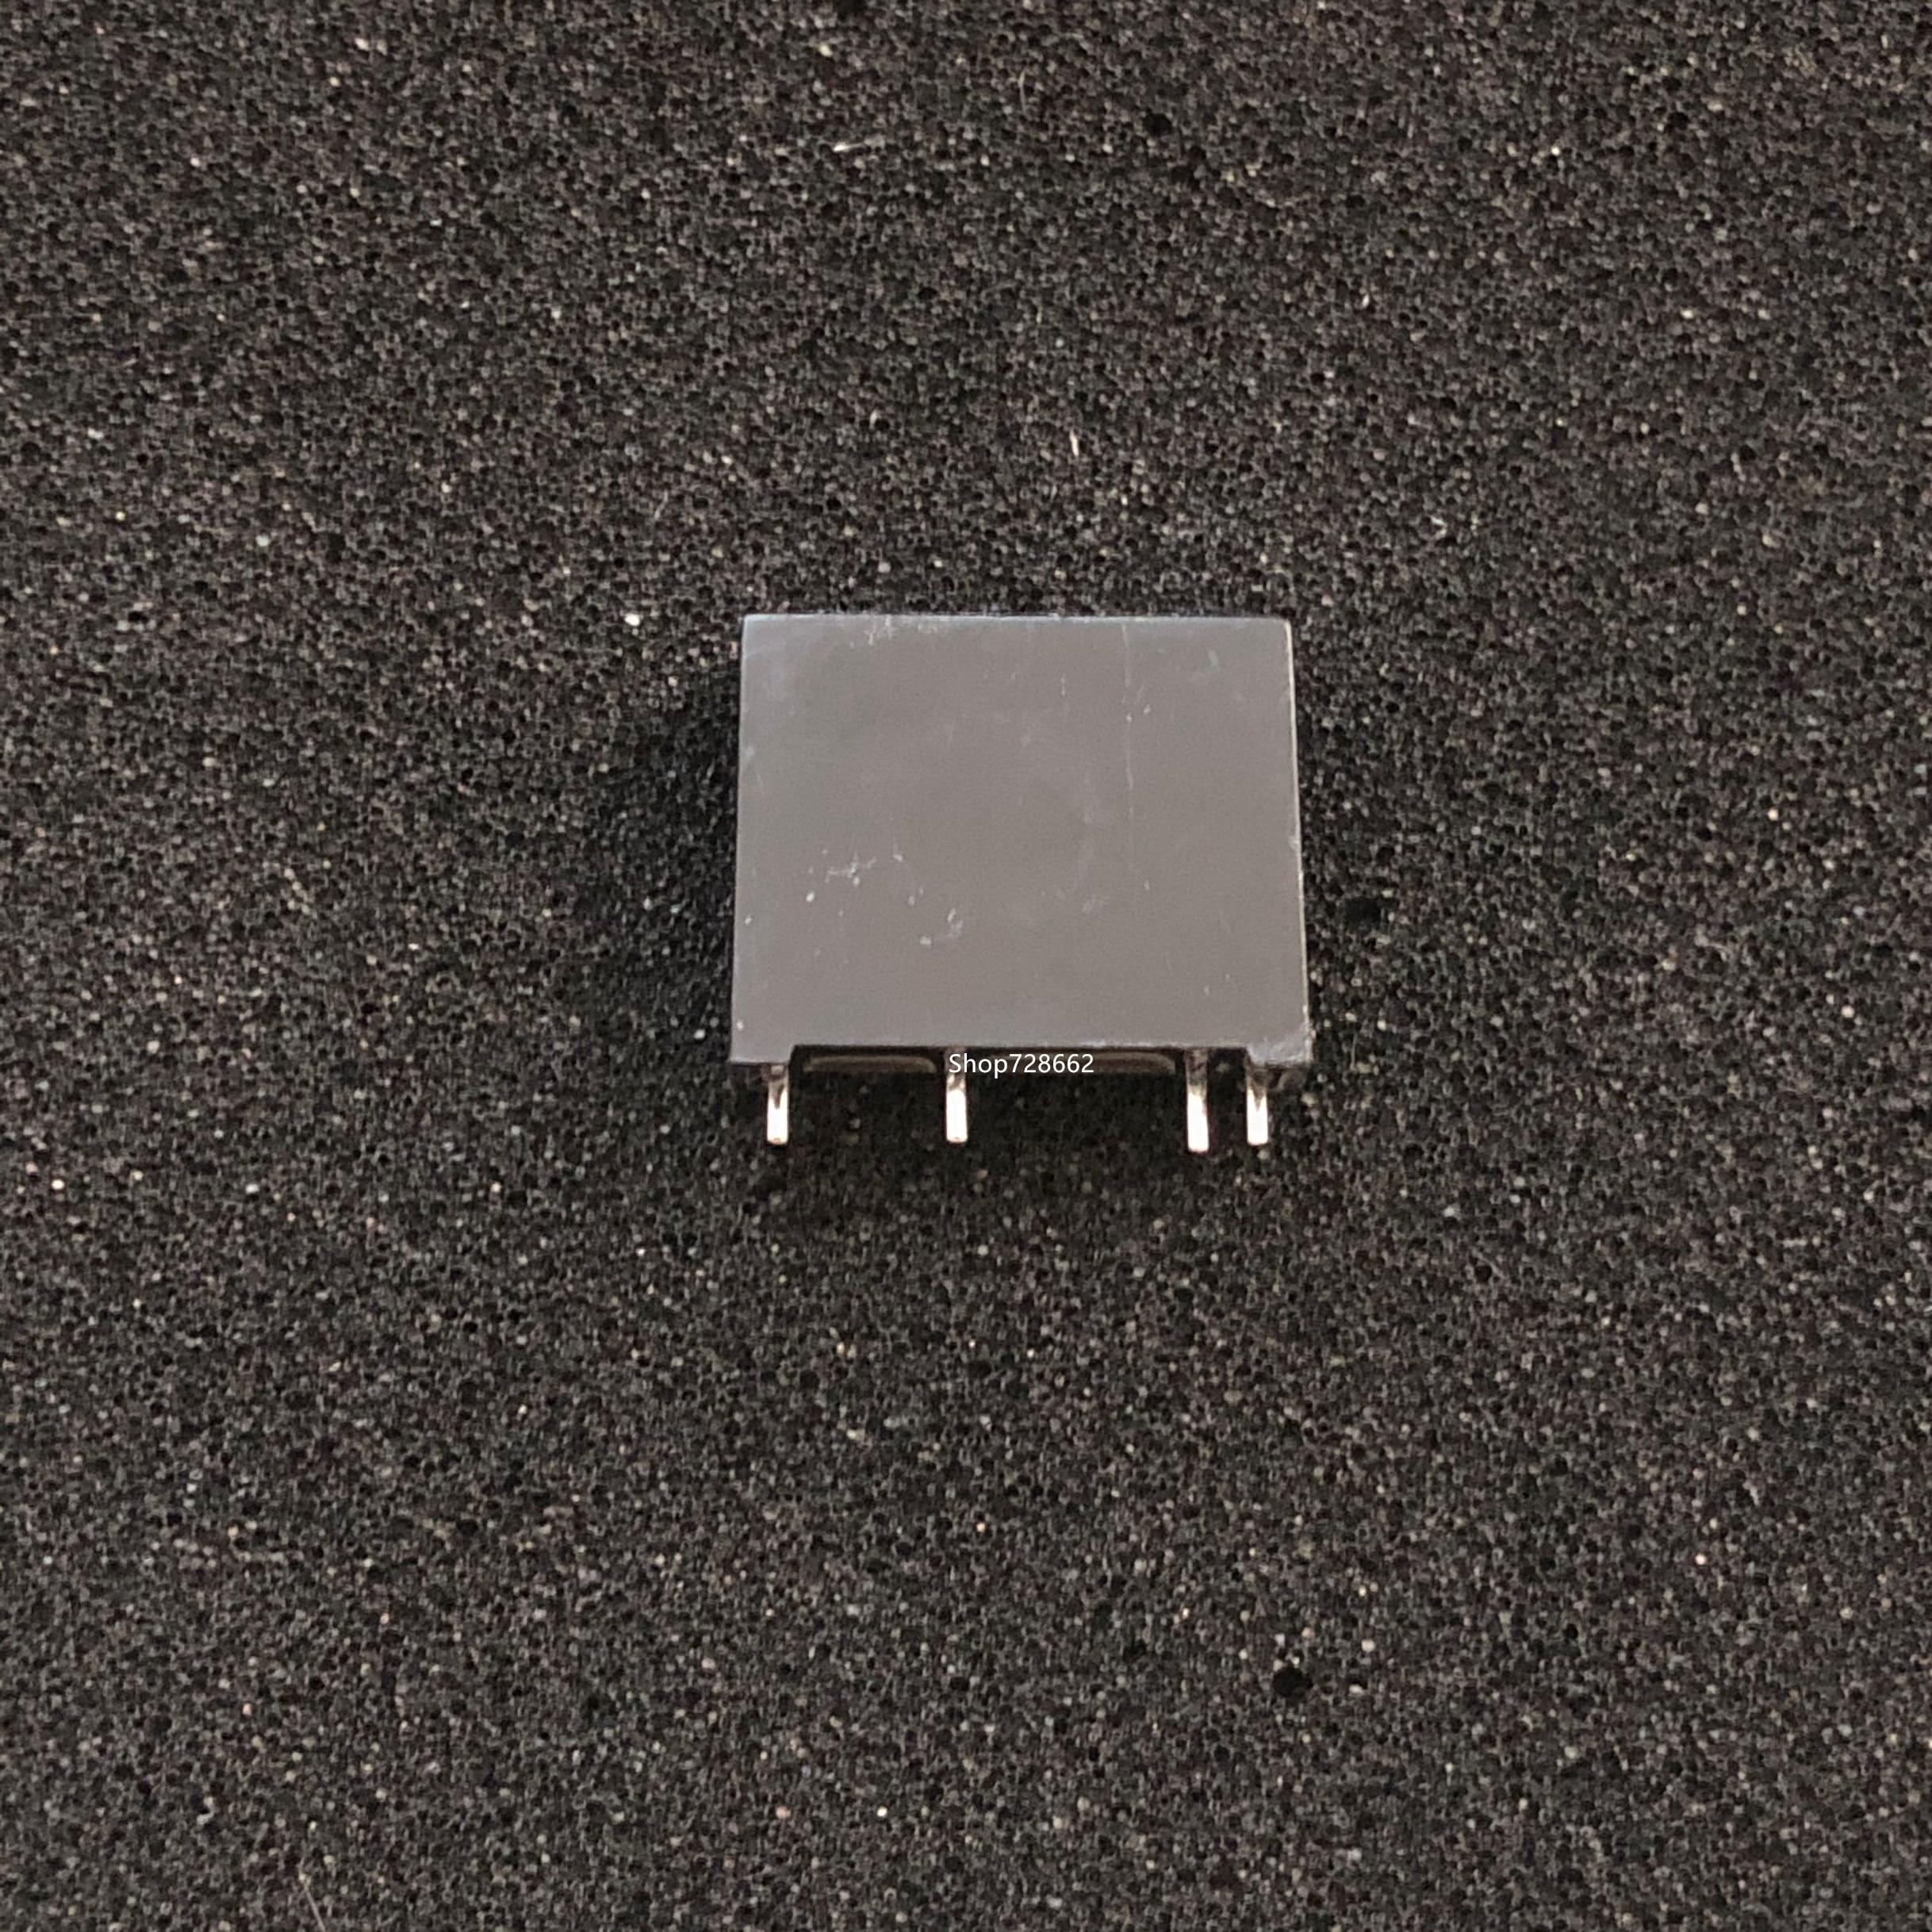 5 шт. PCB SSR-D3803HK SSR-D3805HK SSR-D3808HK DC-AC 3A 5A 8A твердотельные реле постоянного тока